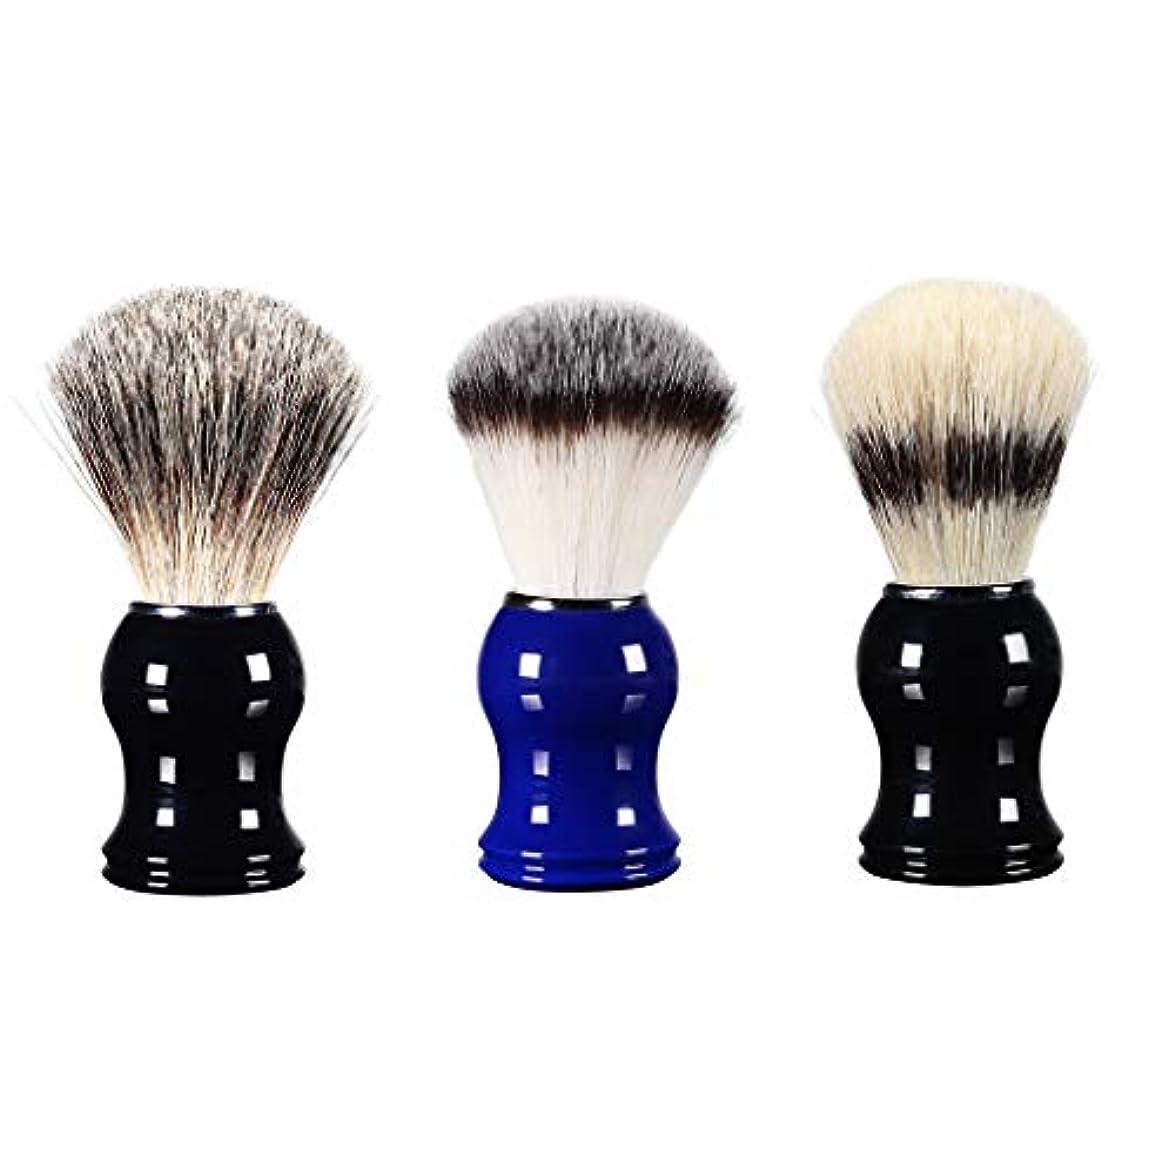 外向きデモンストレーション絶妙3個 男性用 シェービング用ブラシ 理容 洗顔 髭剃り 泡立ち アクセサリー